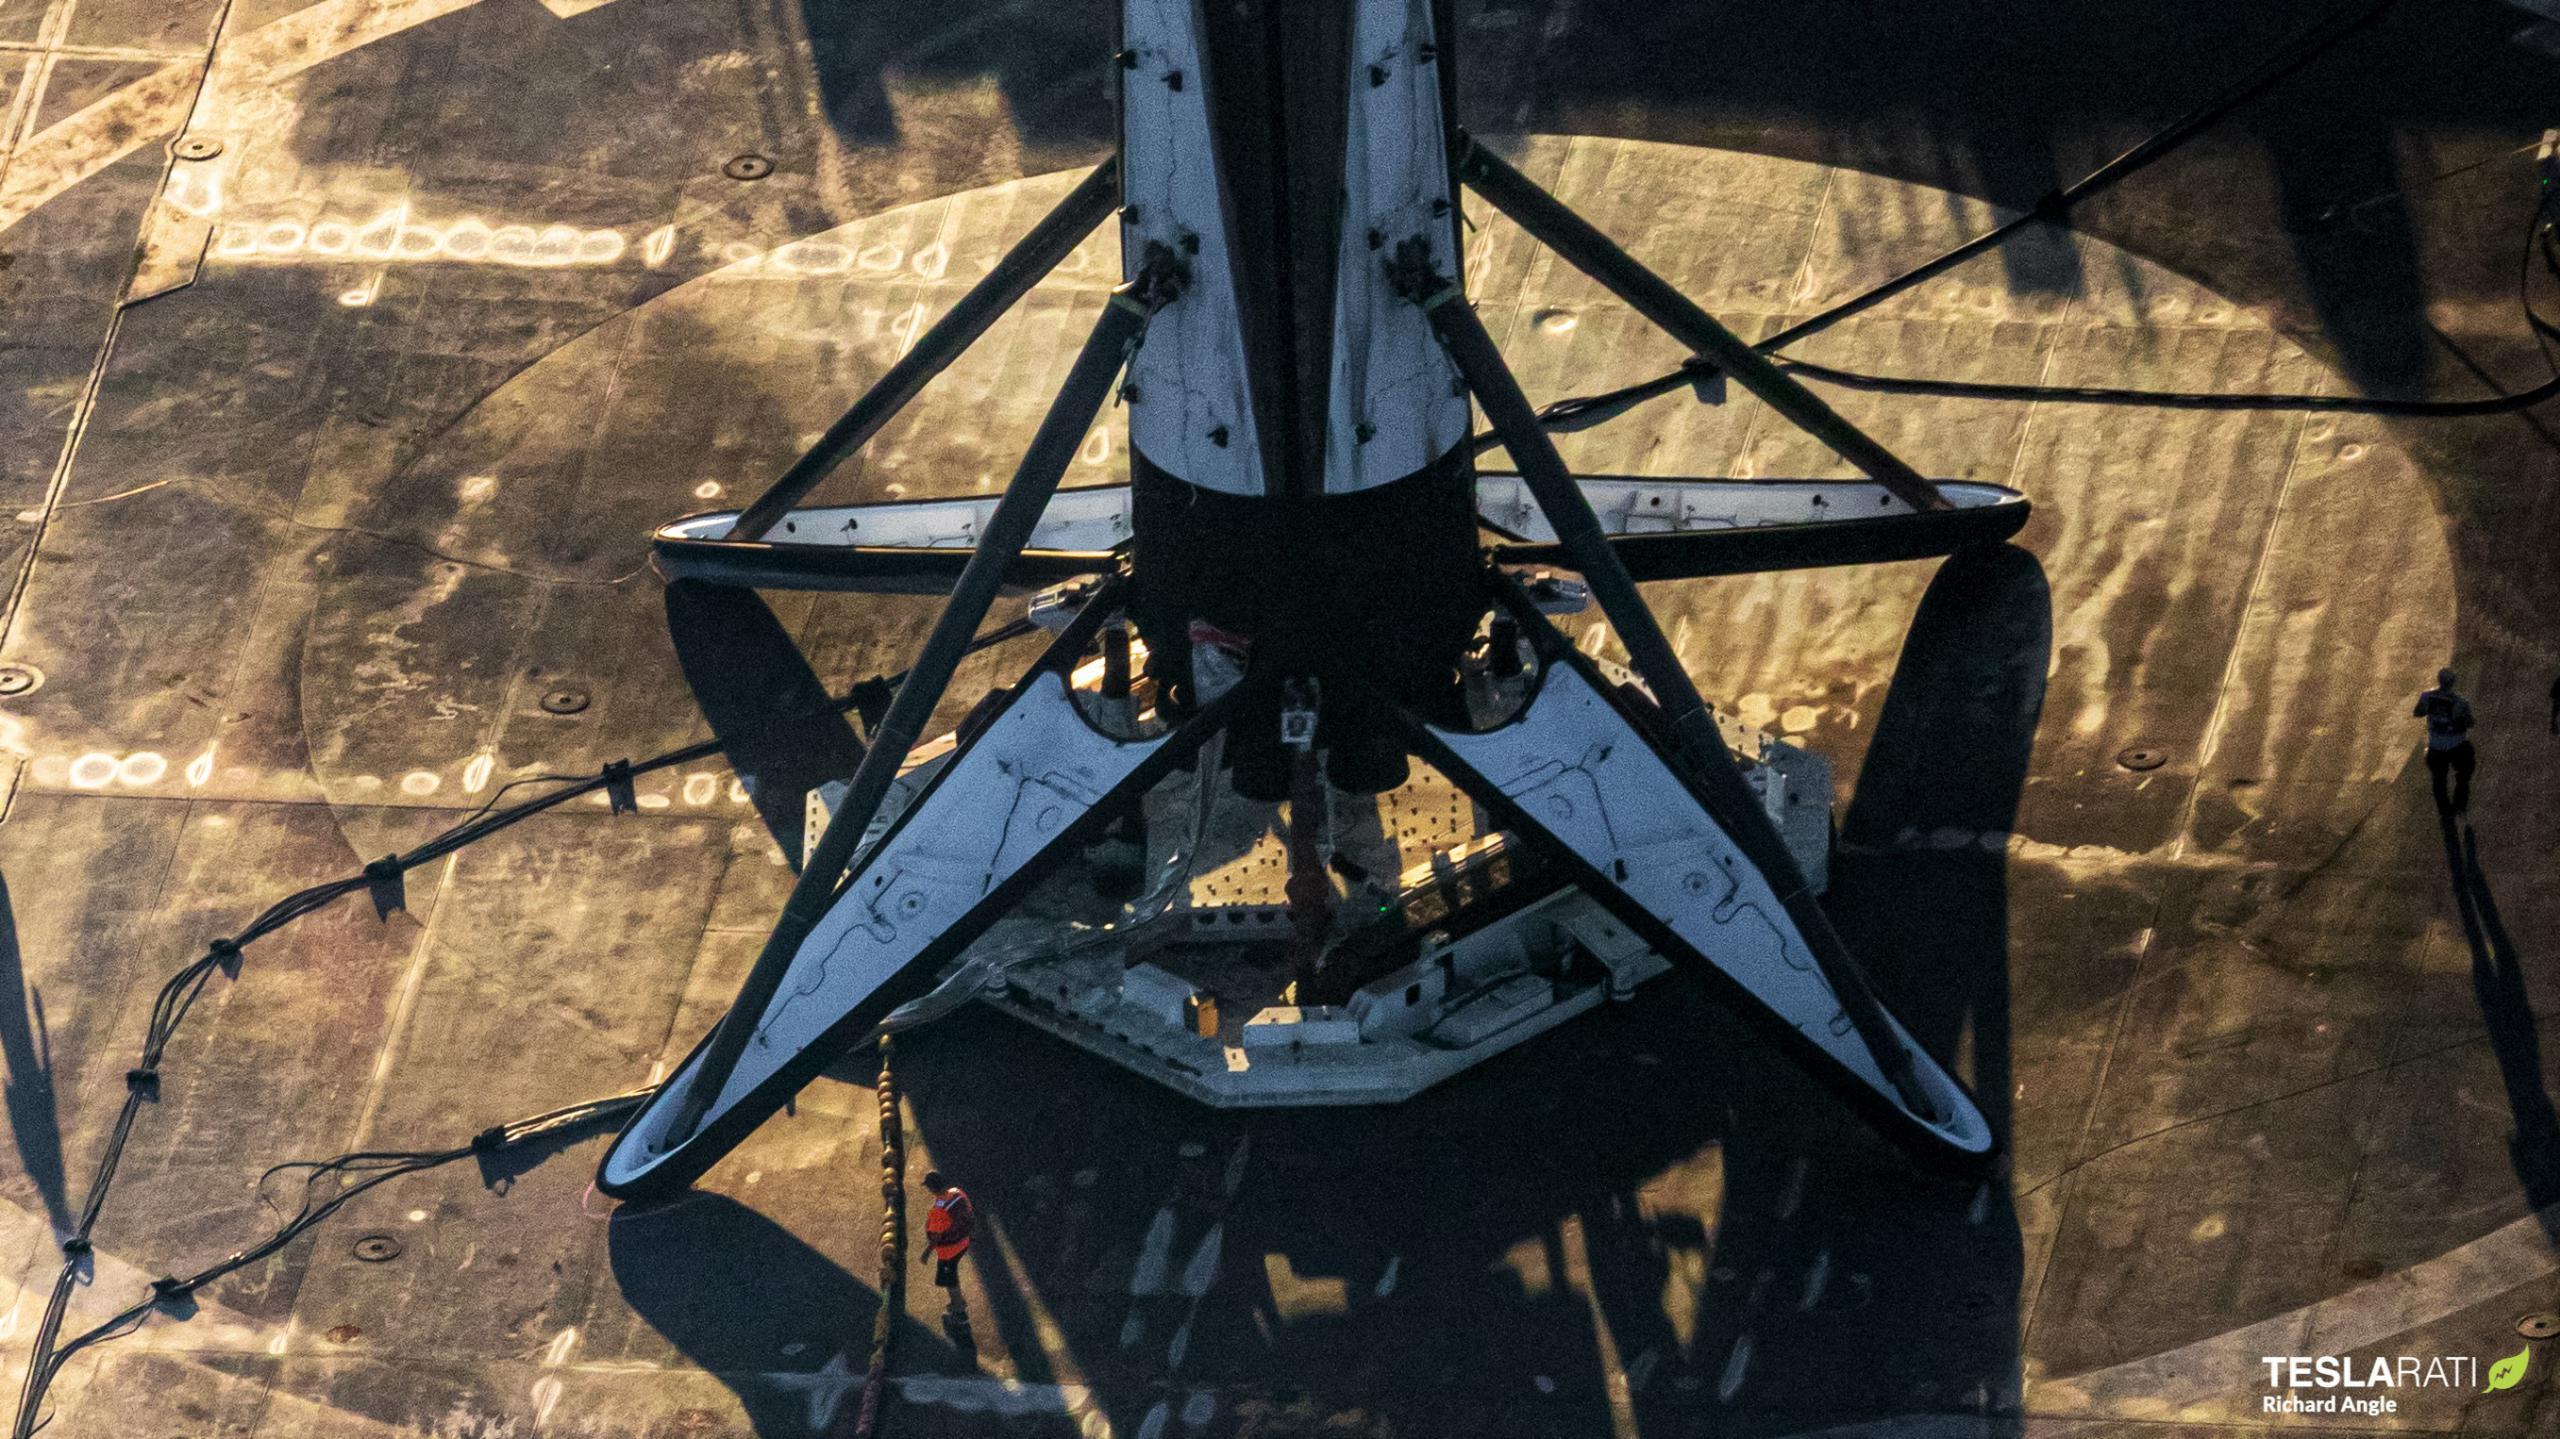 Starlink-12 F9 B1058 OCISLY 100820 (Richard Angle) 6 (c)